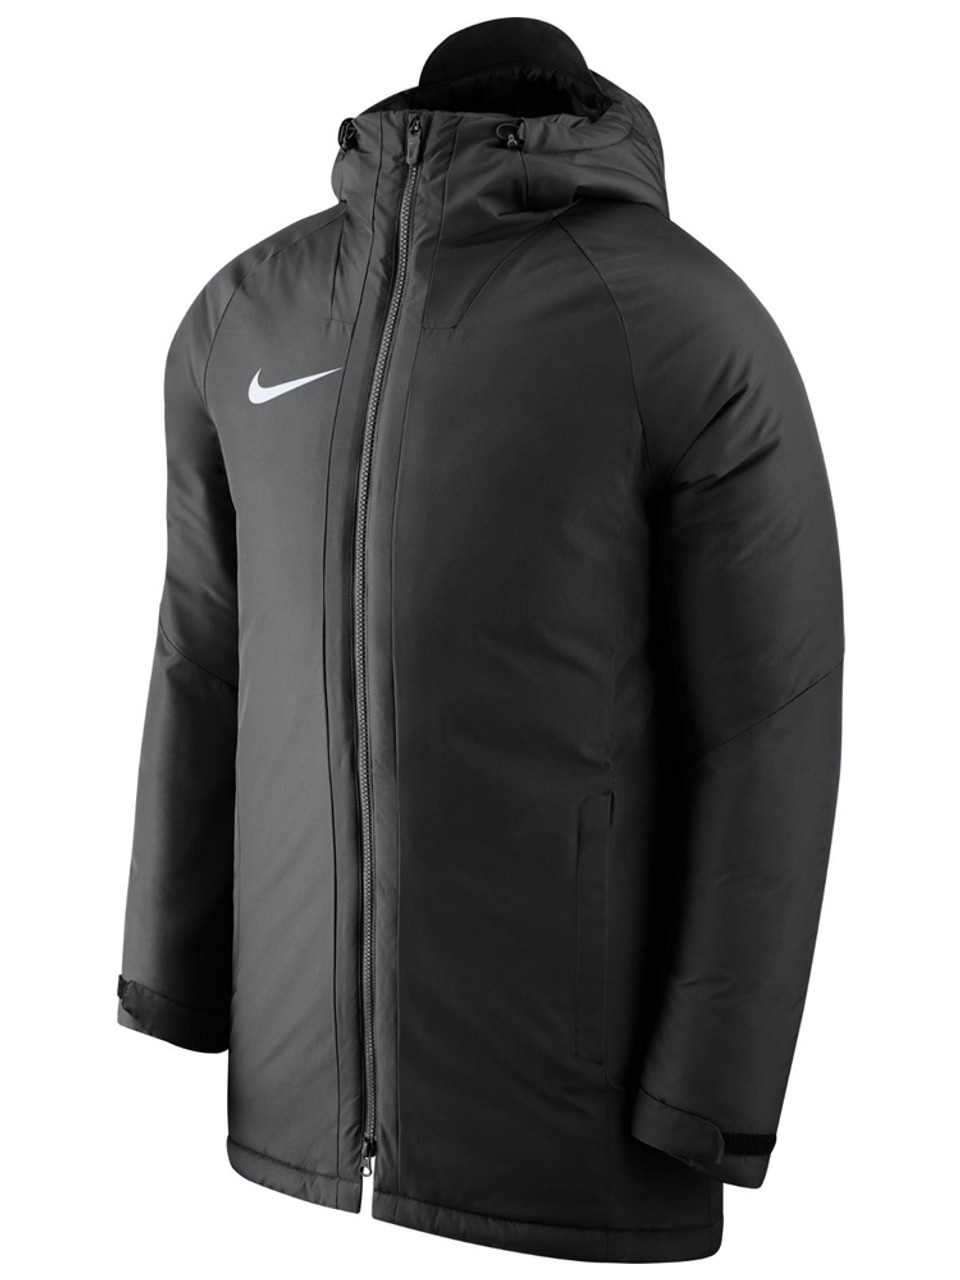 Nike Academy 18 Stadium Jacket